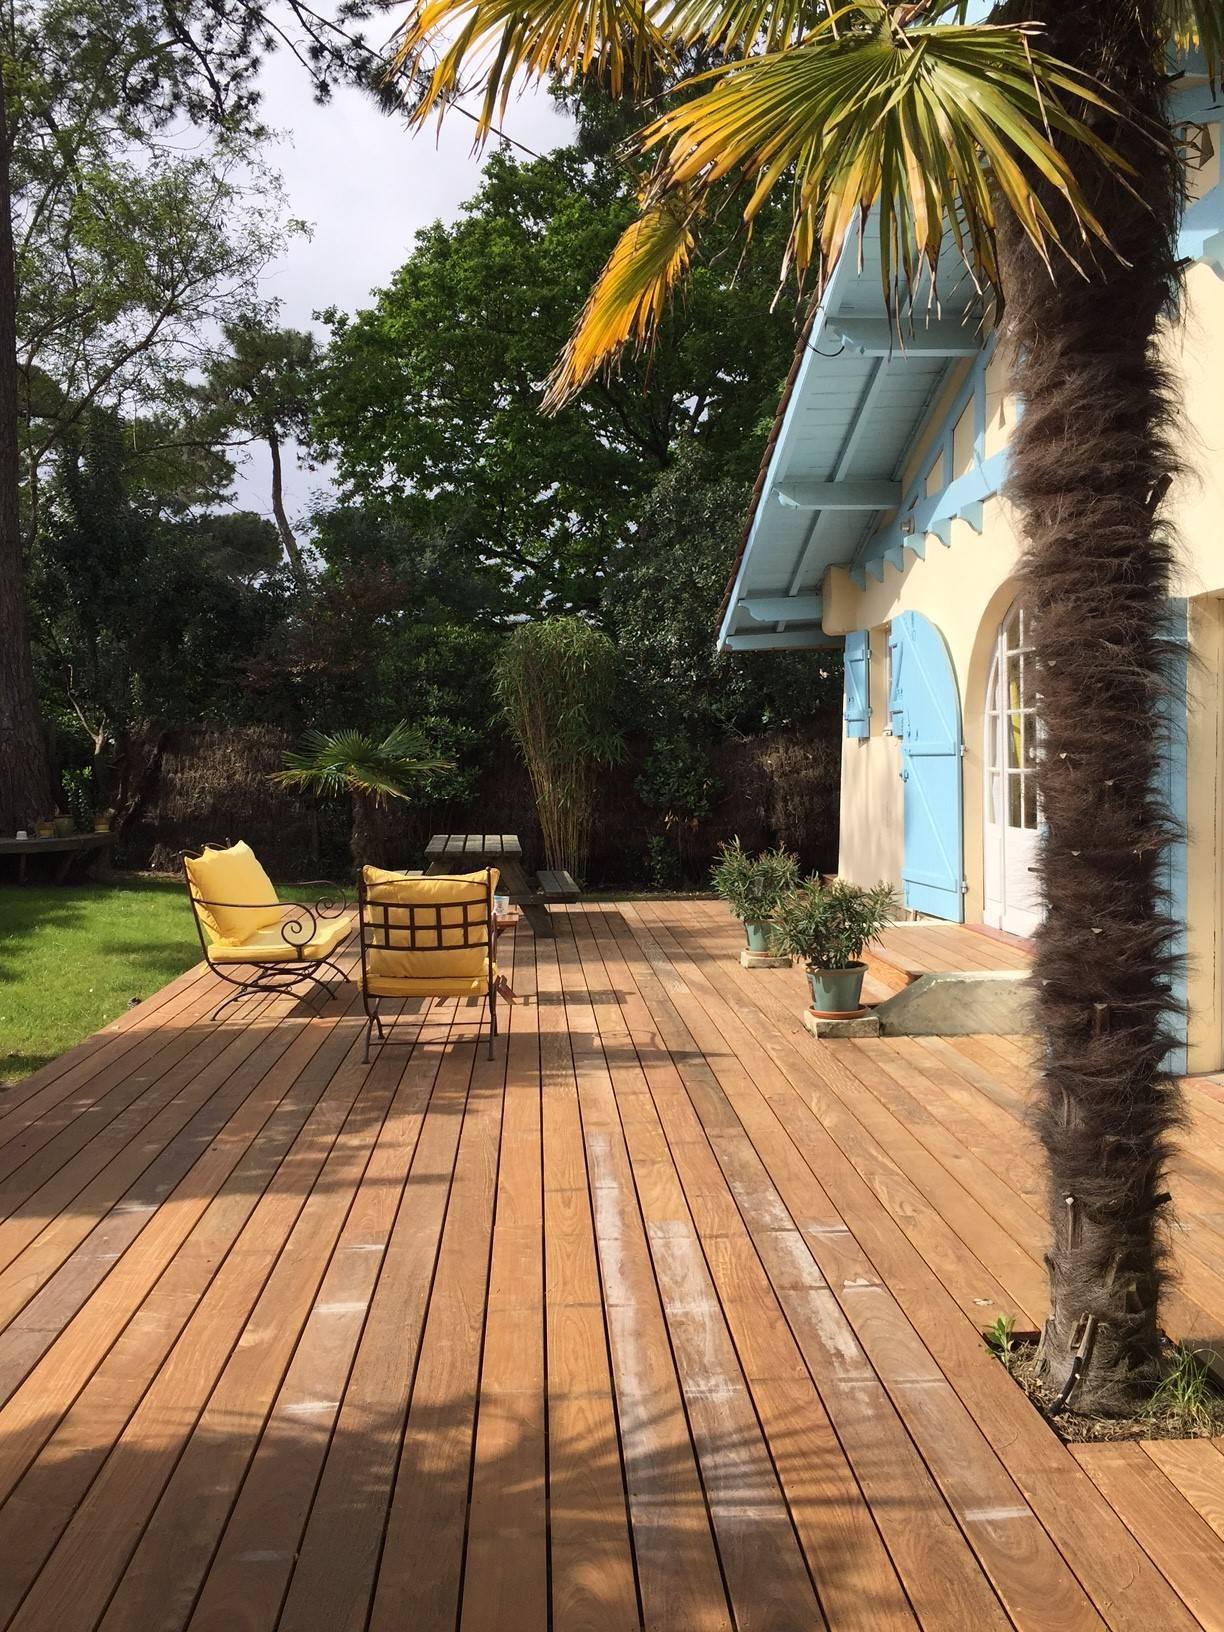 Location Maison De Vacances 3 Chambres Avec Jardin Et Belle ... intérieur Maison Avec Jardin A Louer